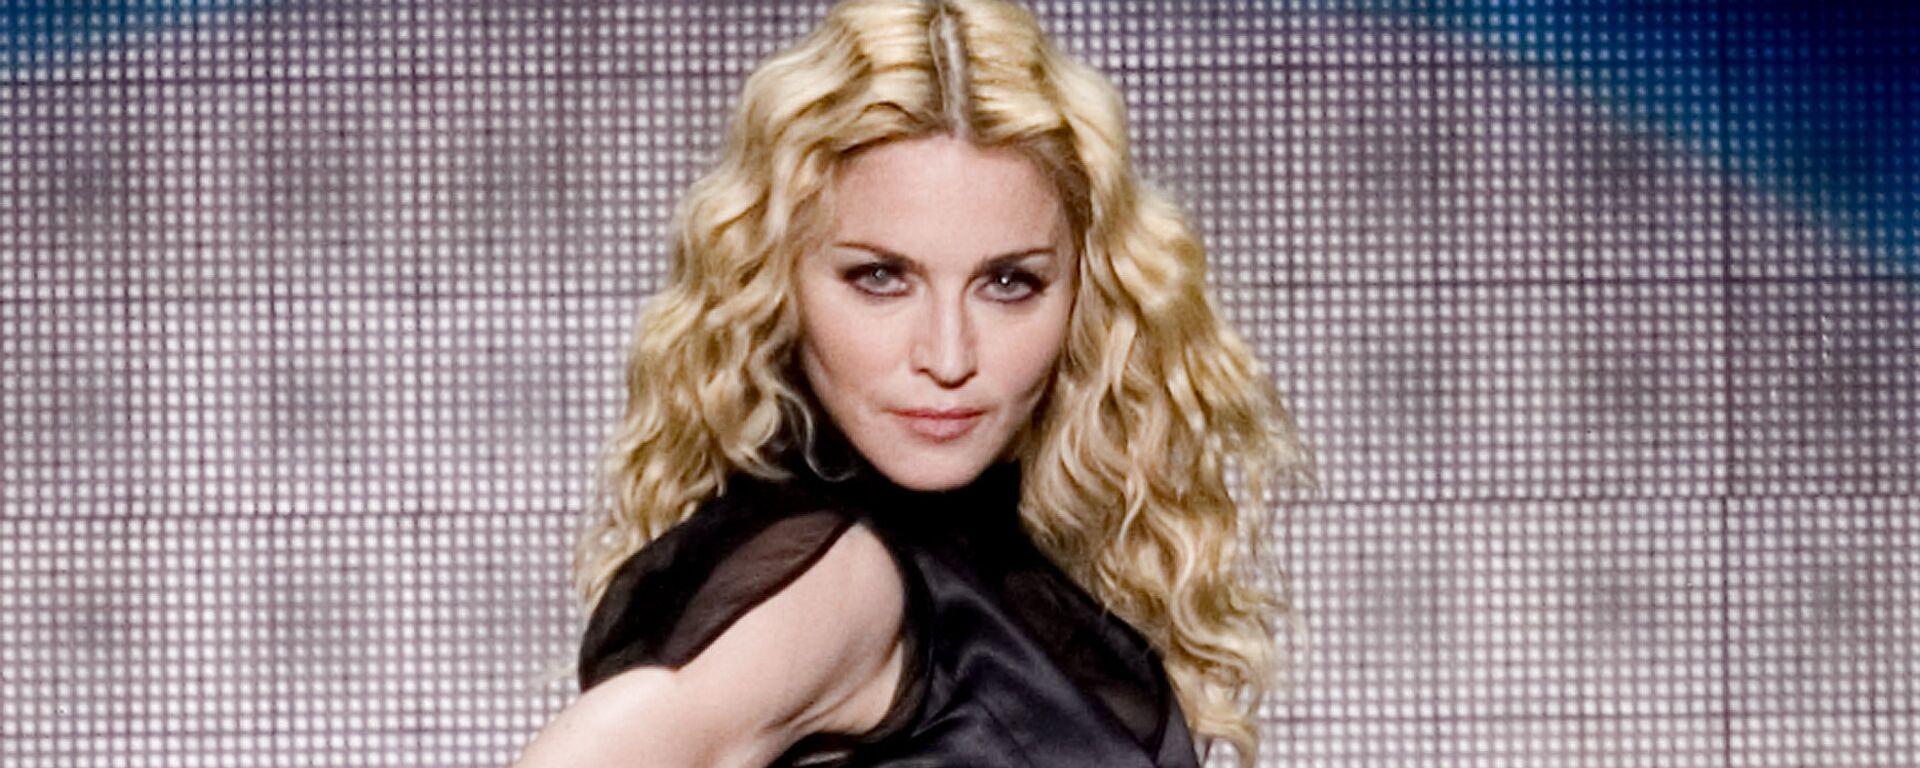 Американская певица Мадонна во время выступления в Мексике, 2008 год - Sputnik Mundo, 1920, 30.03.2021